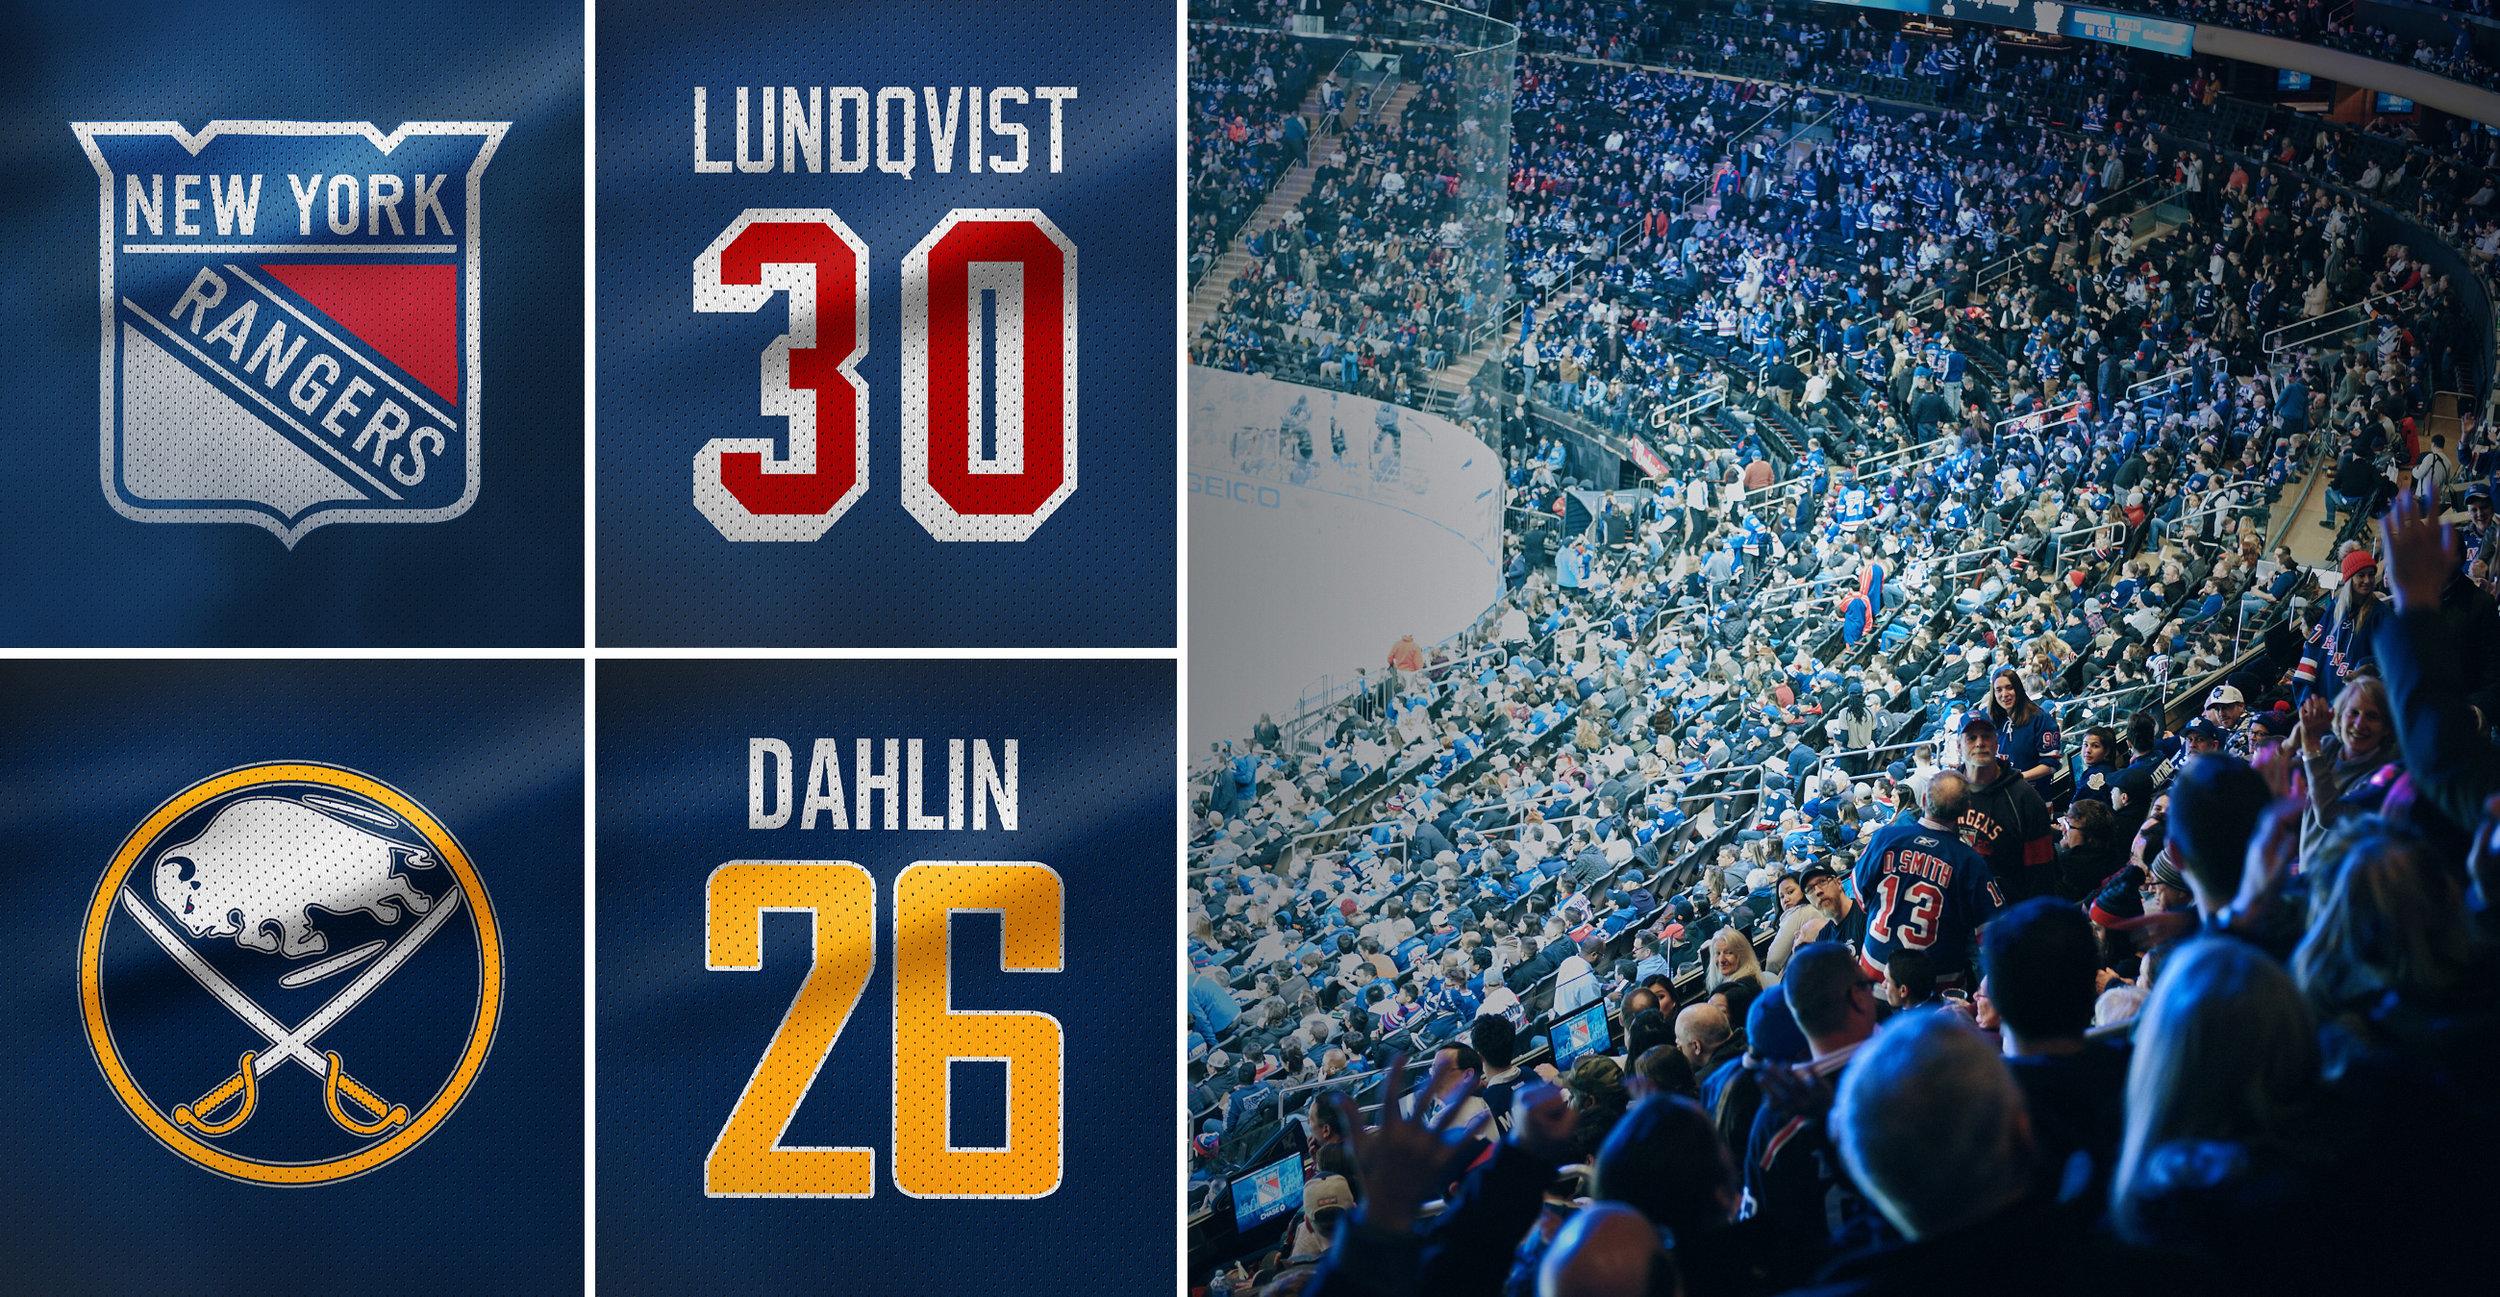 DAG 2 GAMEDAYRANGERS-SABRES - Lär känna staden New York med vår uppskattade stadsrundtur. En svensktalande guide tar oss runt till de bästa sevärdheterna som avslutas med en rundtur i Madison Square Garden. På kvällen tar New York Rangers emot Buffalo Sabres och vi möts av en spännande match med svensk vinkel när Henrik Lundqvist och Rasmus Dahlin drabbar samman.